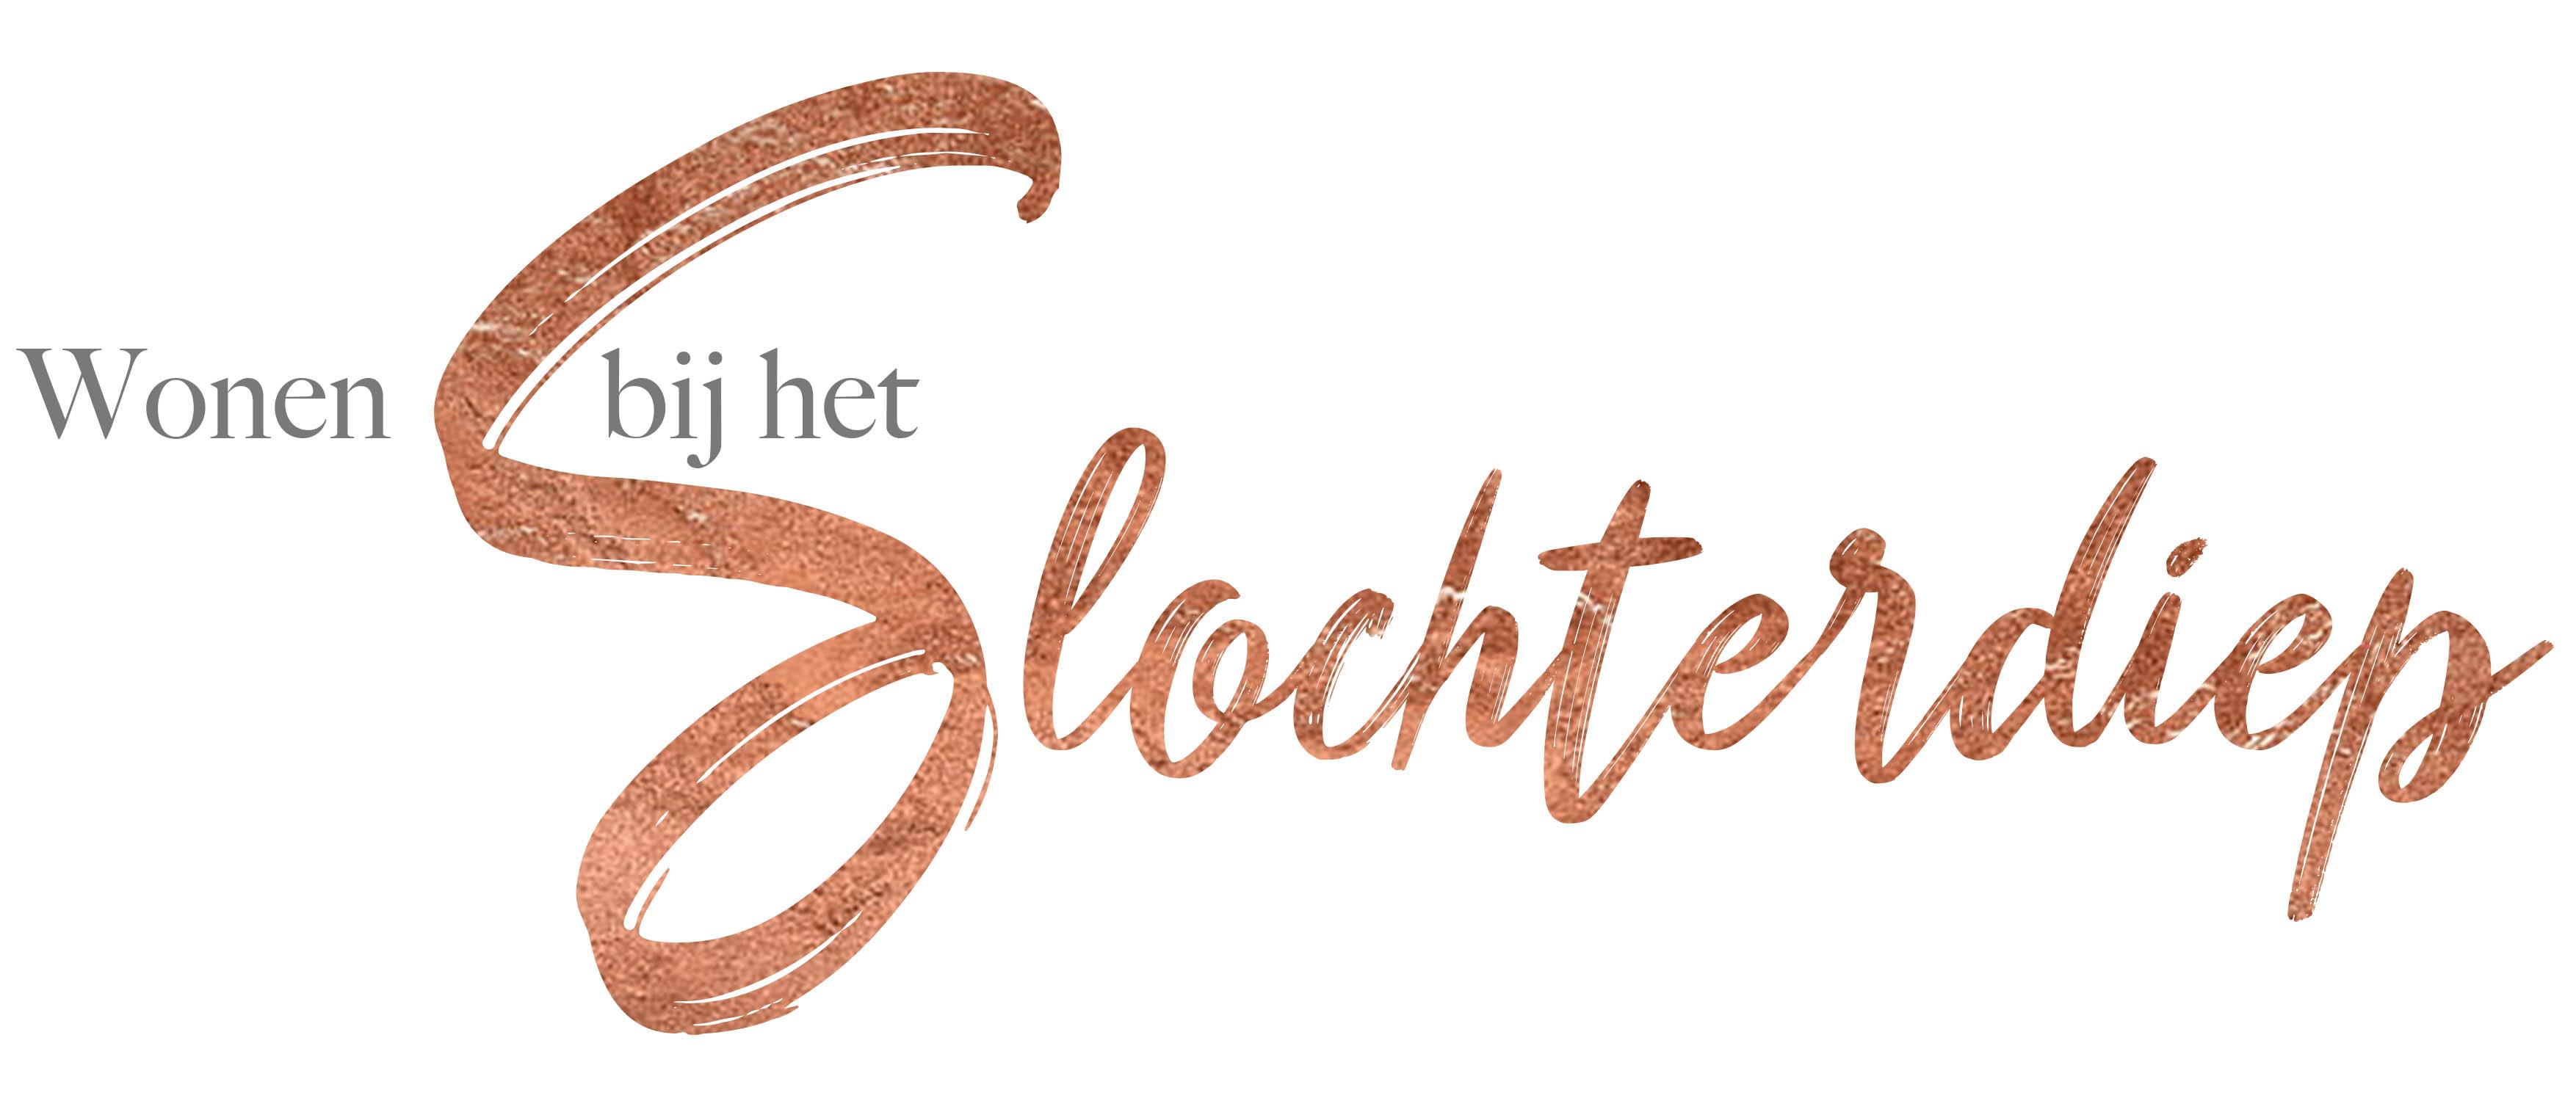 Slochterdiep